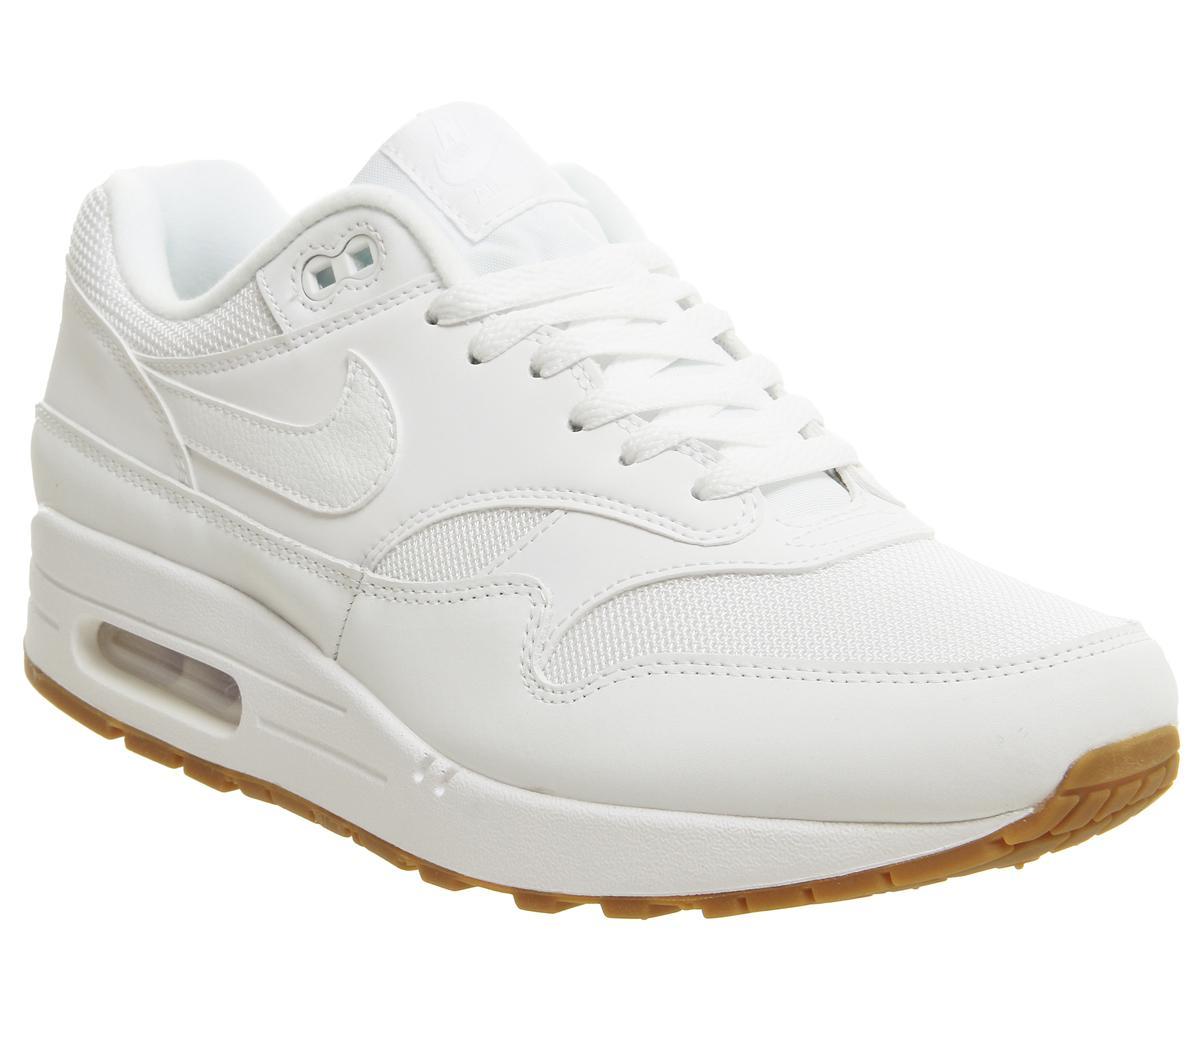 Nike Air Max 1 Trainers White White Gum